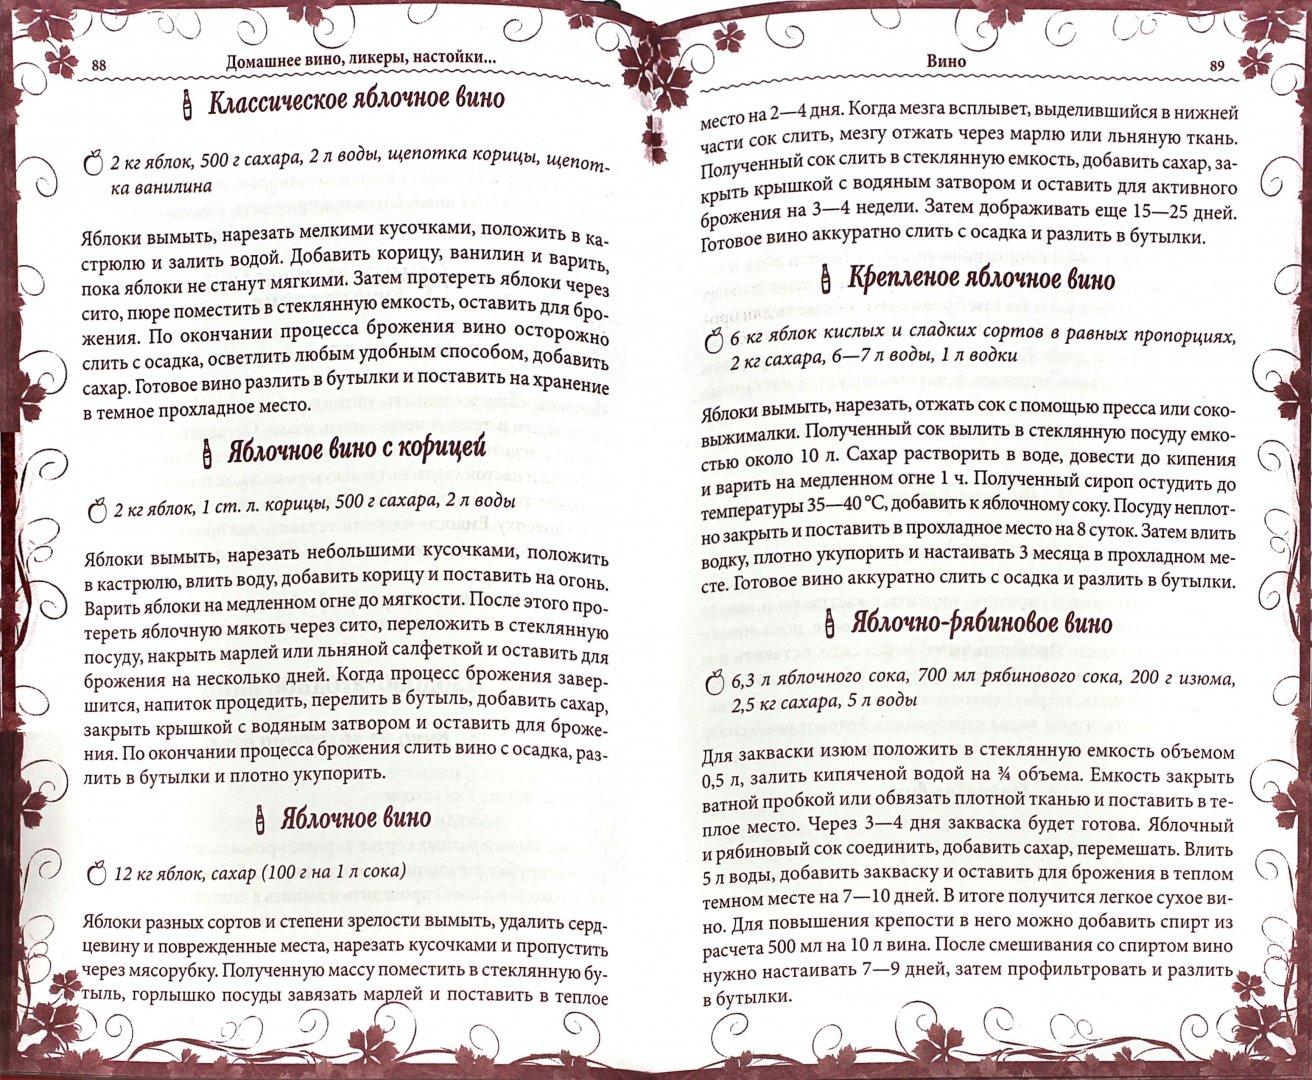 Иллюстрация 1 из 26 для Домашнее вино, ликеры, настойки, наливки, коньяк, самогон из ягод, фруктов, трав   Лабиринт - книги. Источник: Лабиринт